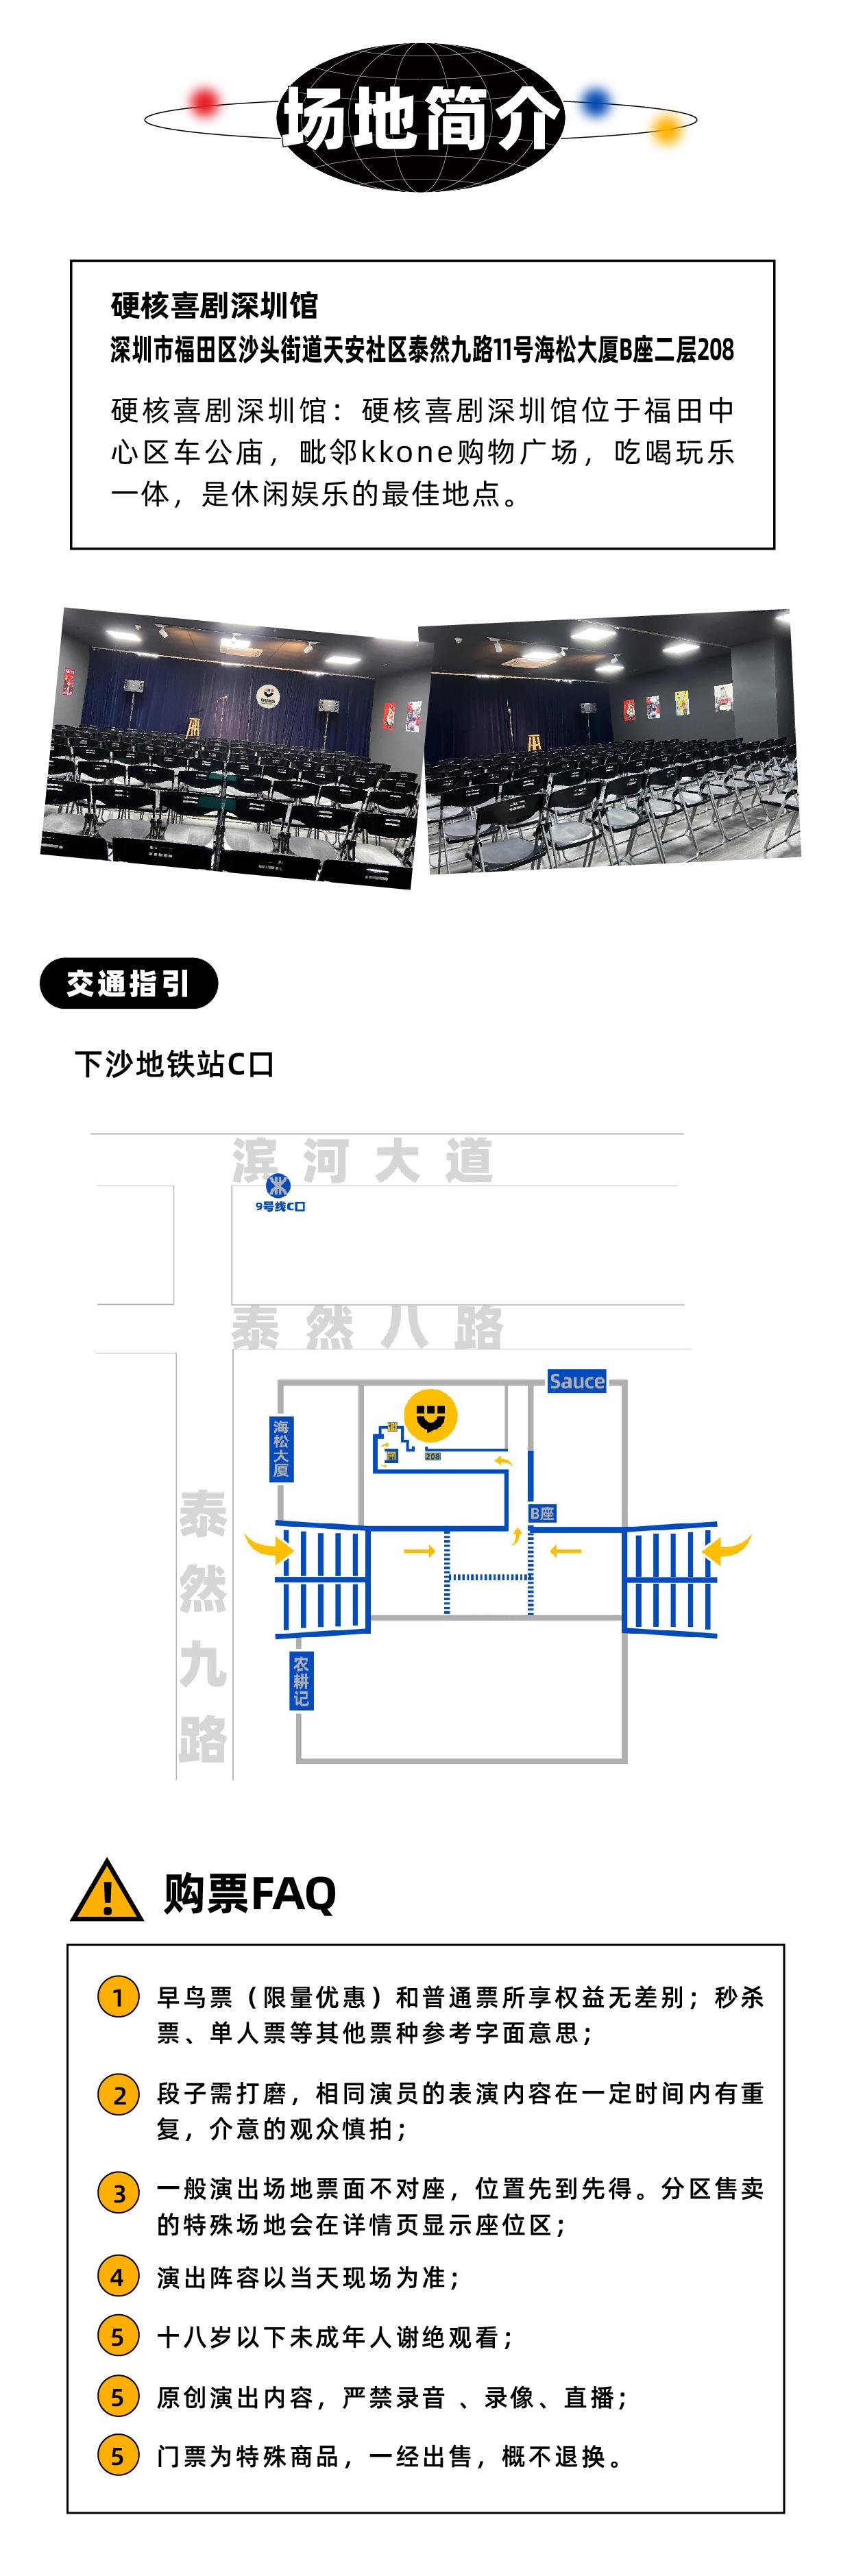 2021硬核喜剧脱口秀周三周四开放麦(福田车公庙)-深圳站